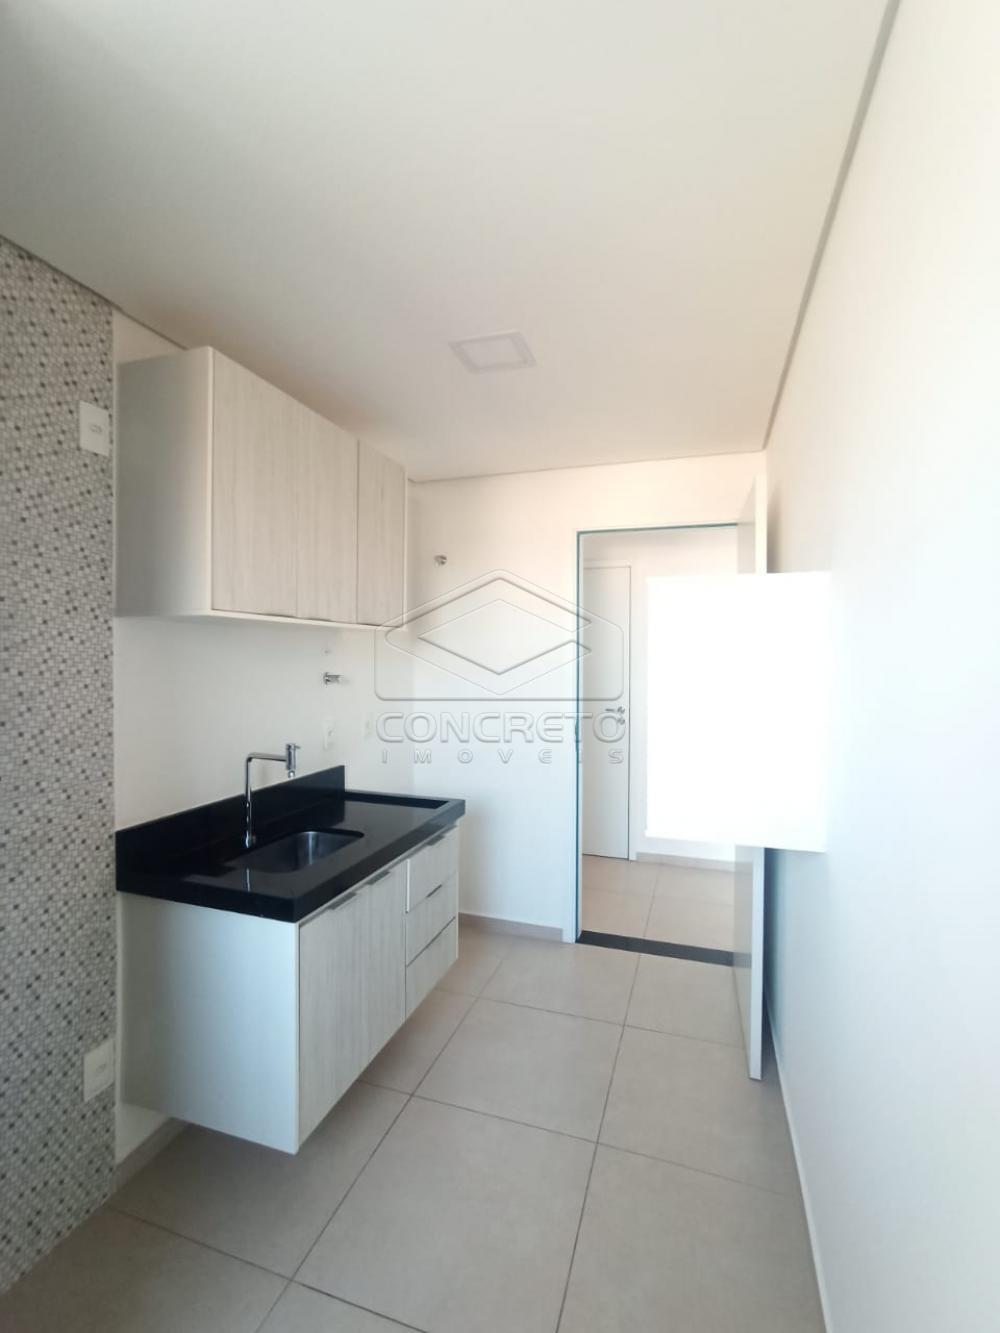 Alugar Apartamento / Padrão em Bauru R$ 1.200,00 - Foto 6